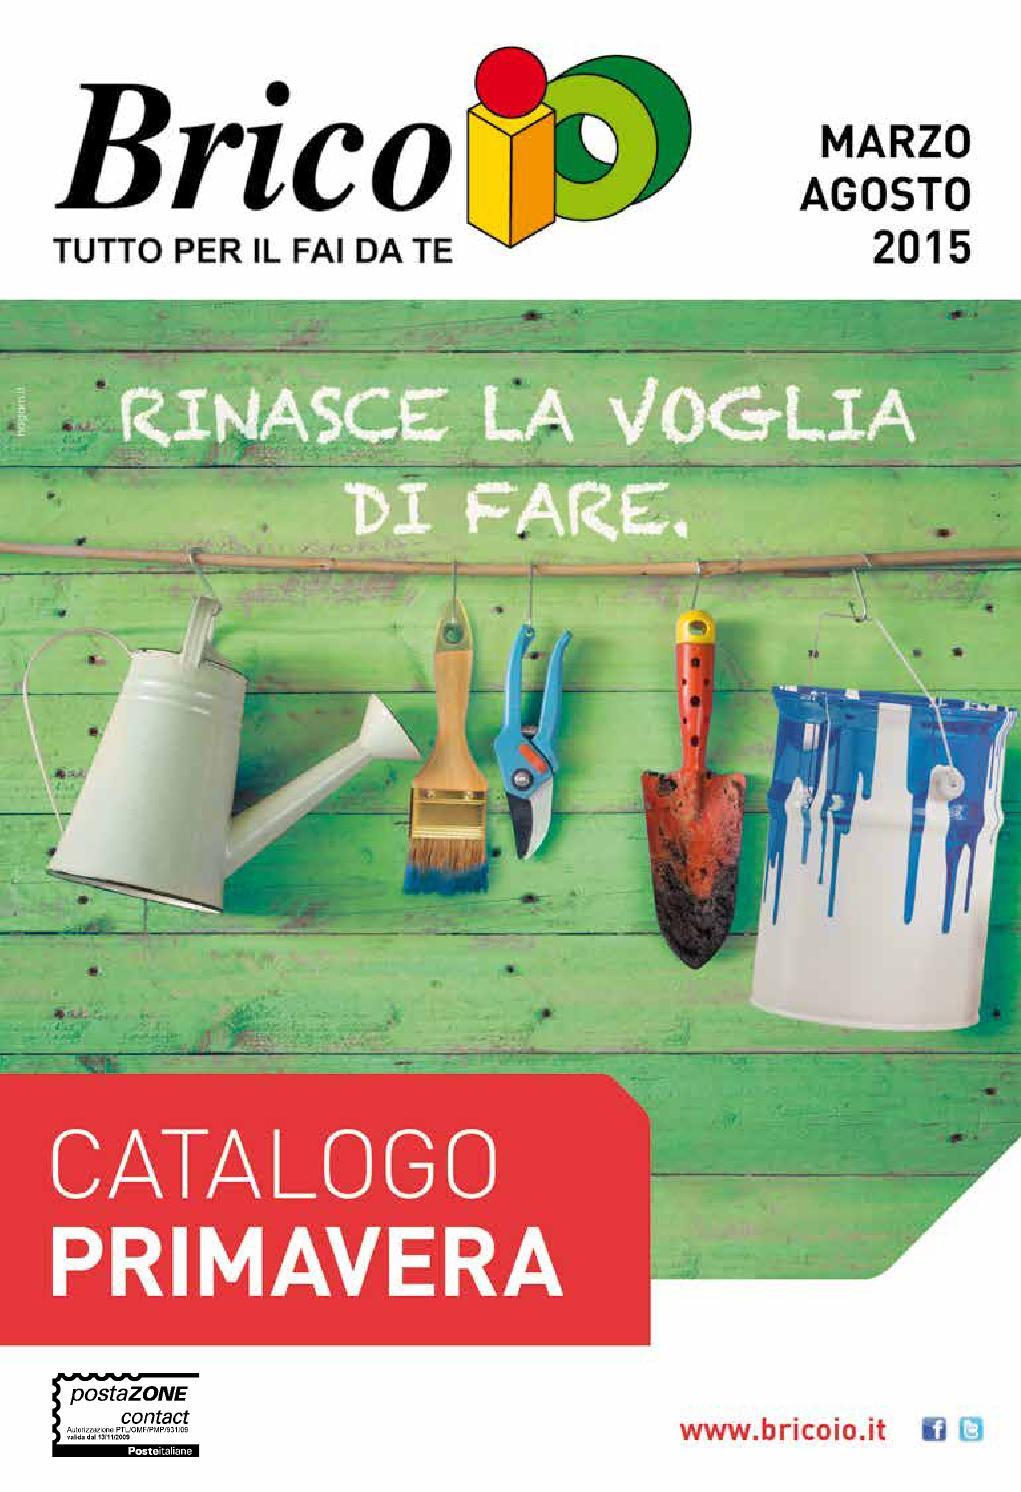 Bricoio 31ago by volavolantino issuu for Staccionata in legno brico